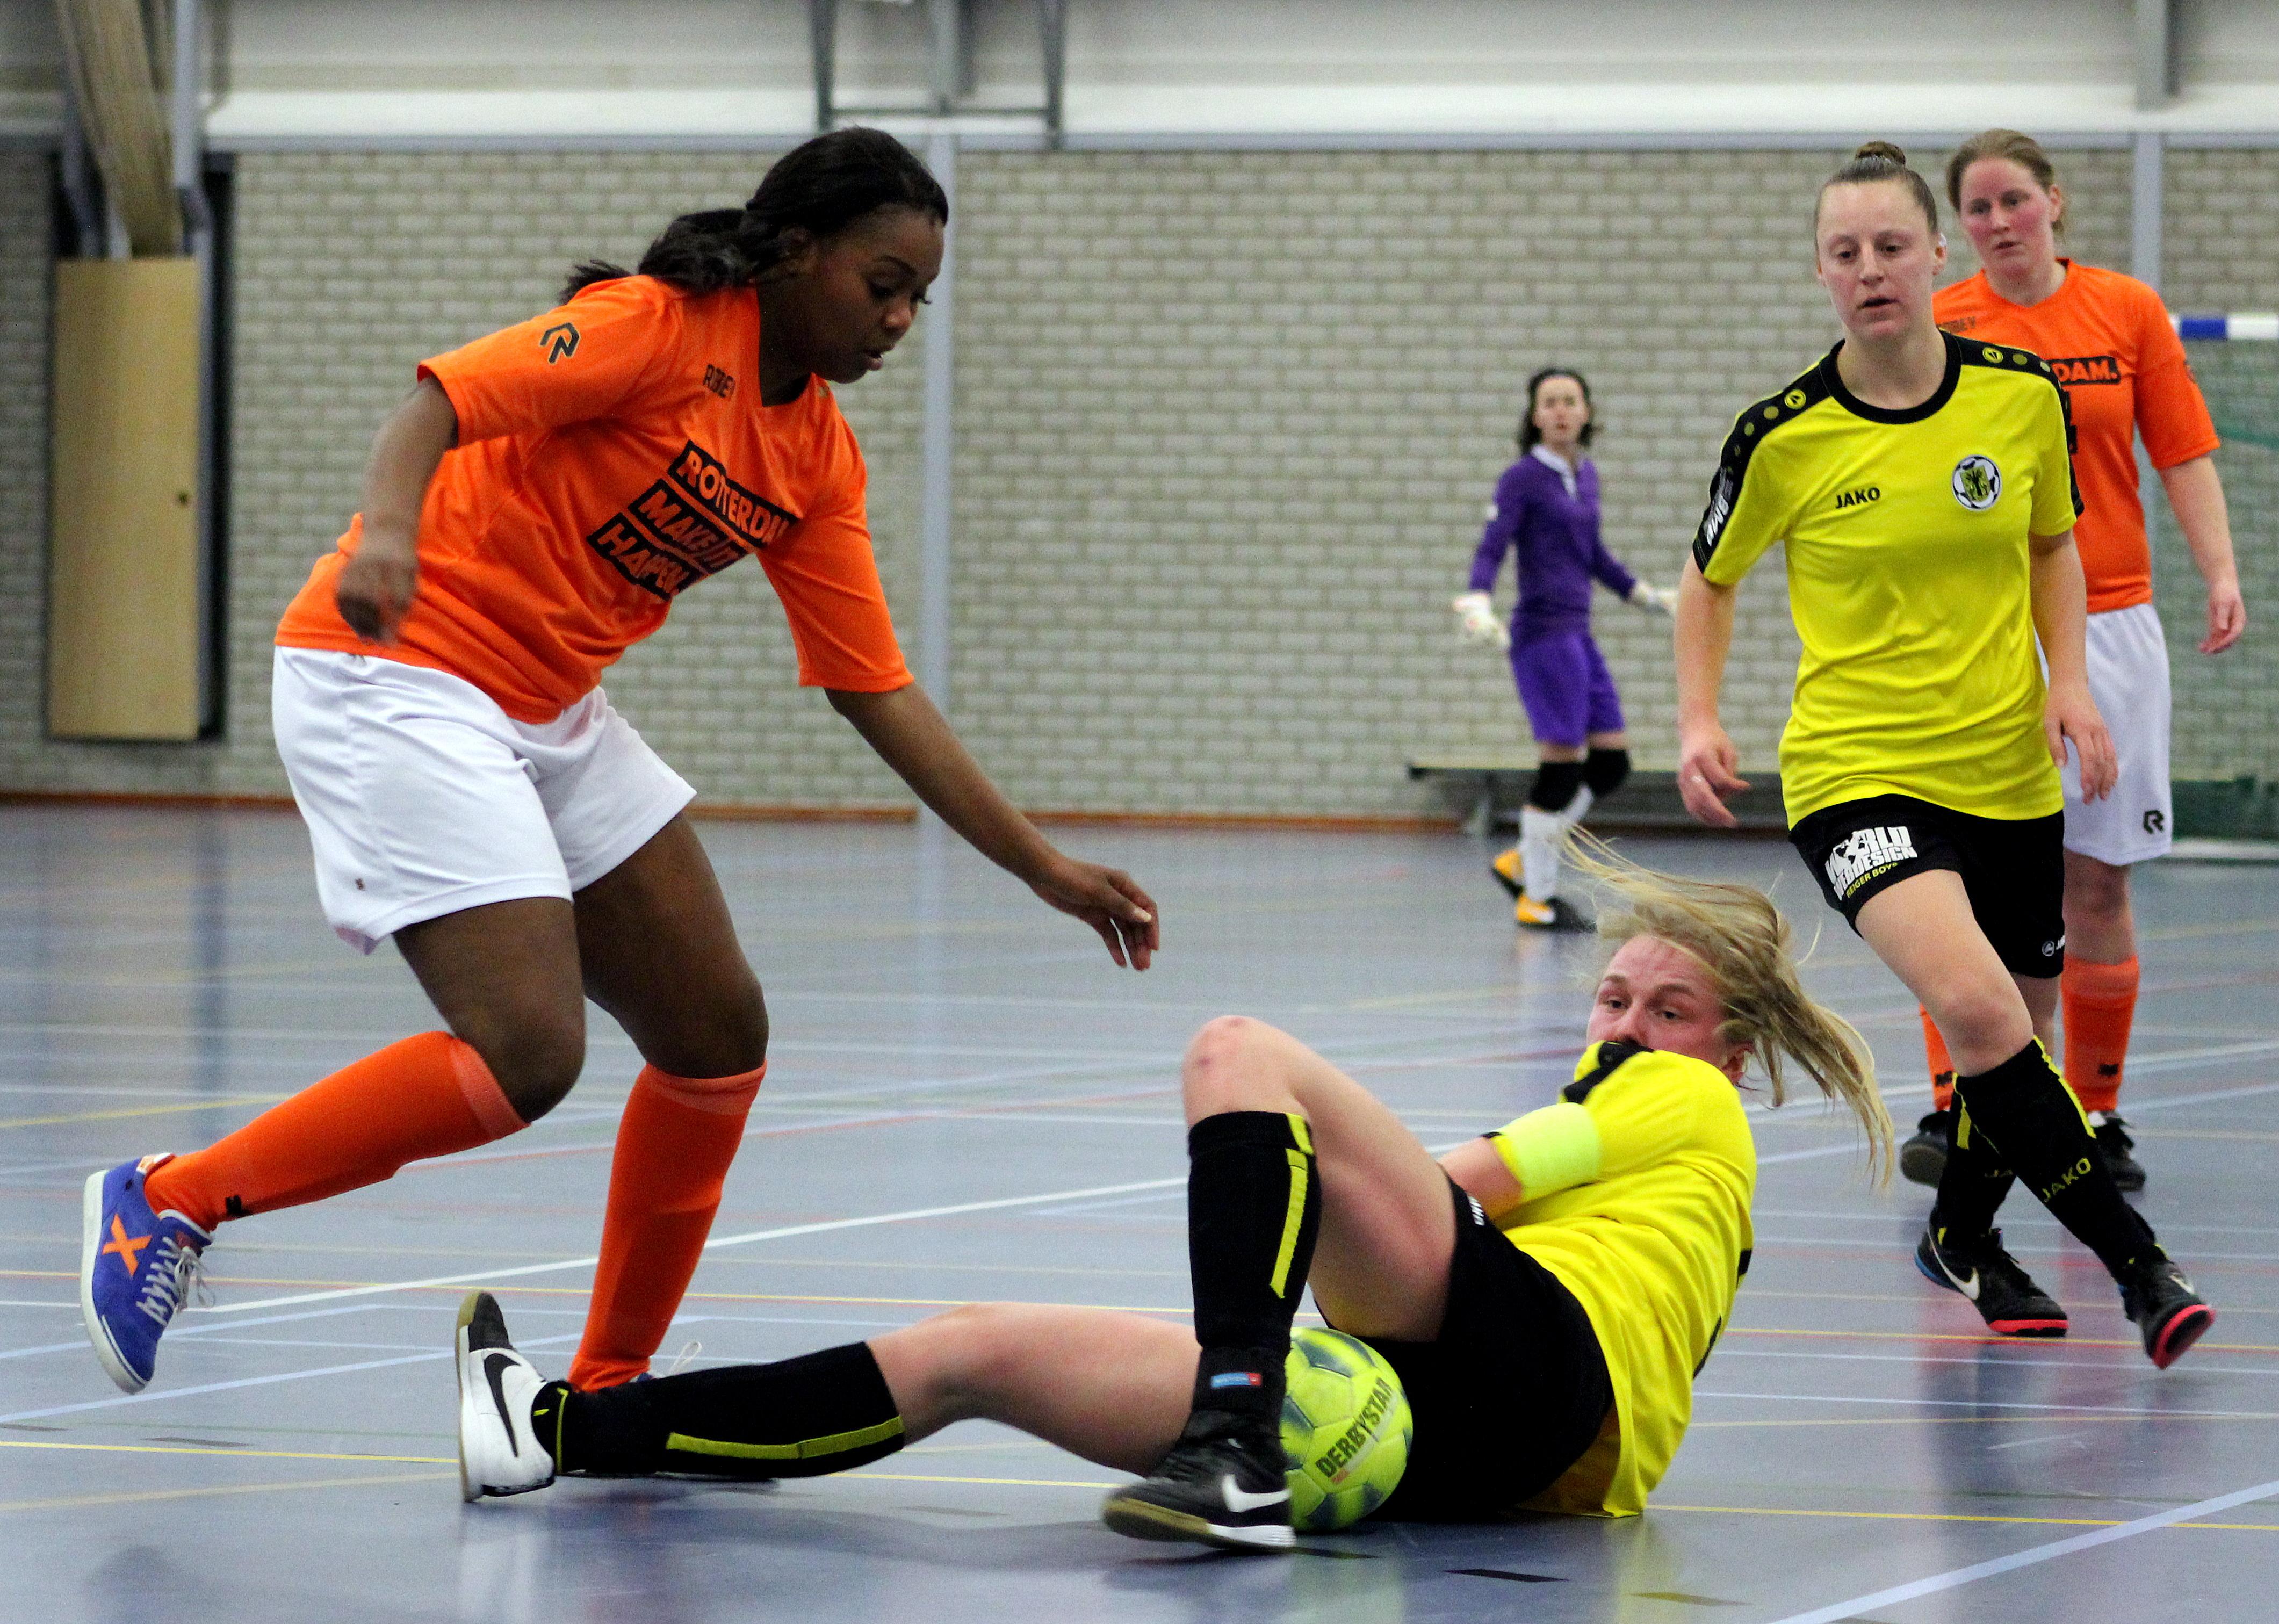 (foto Diane van den Broek - DP Sportfotografie)